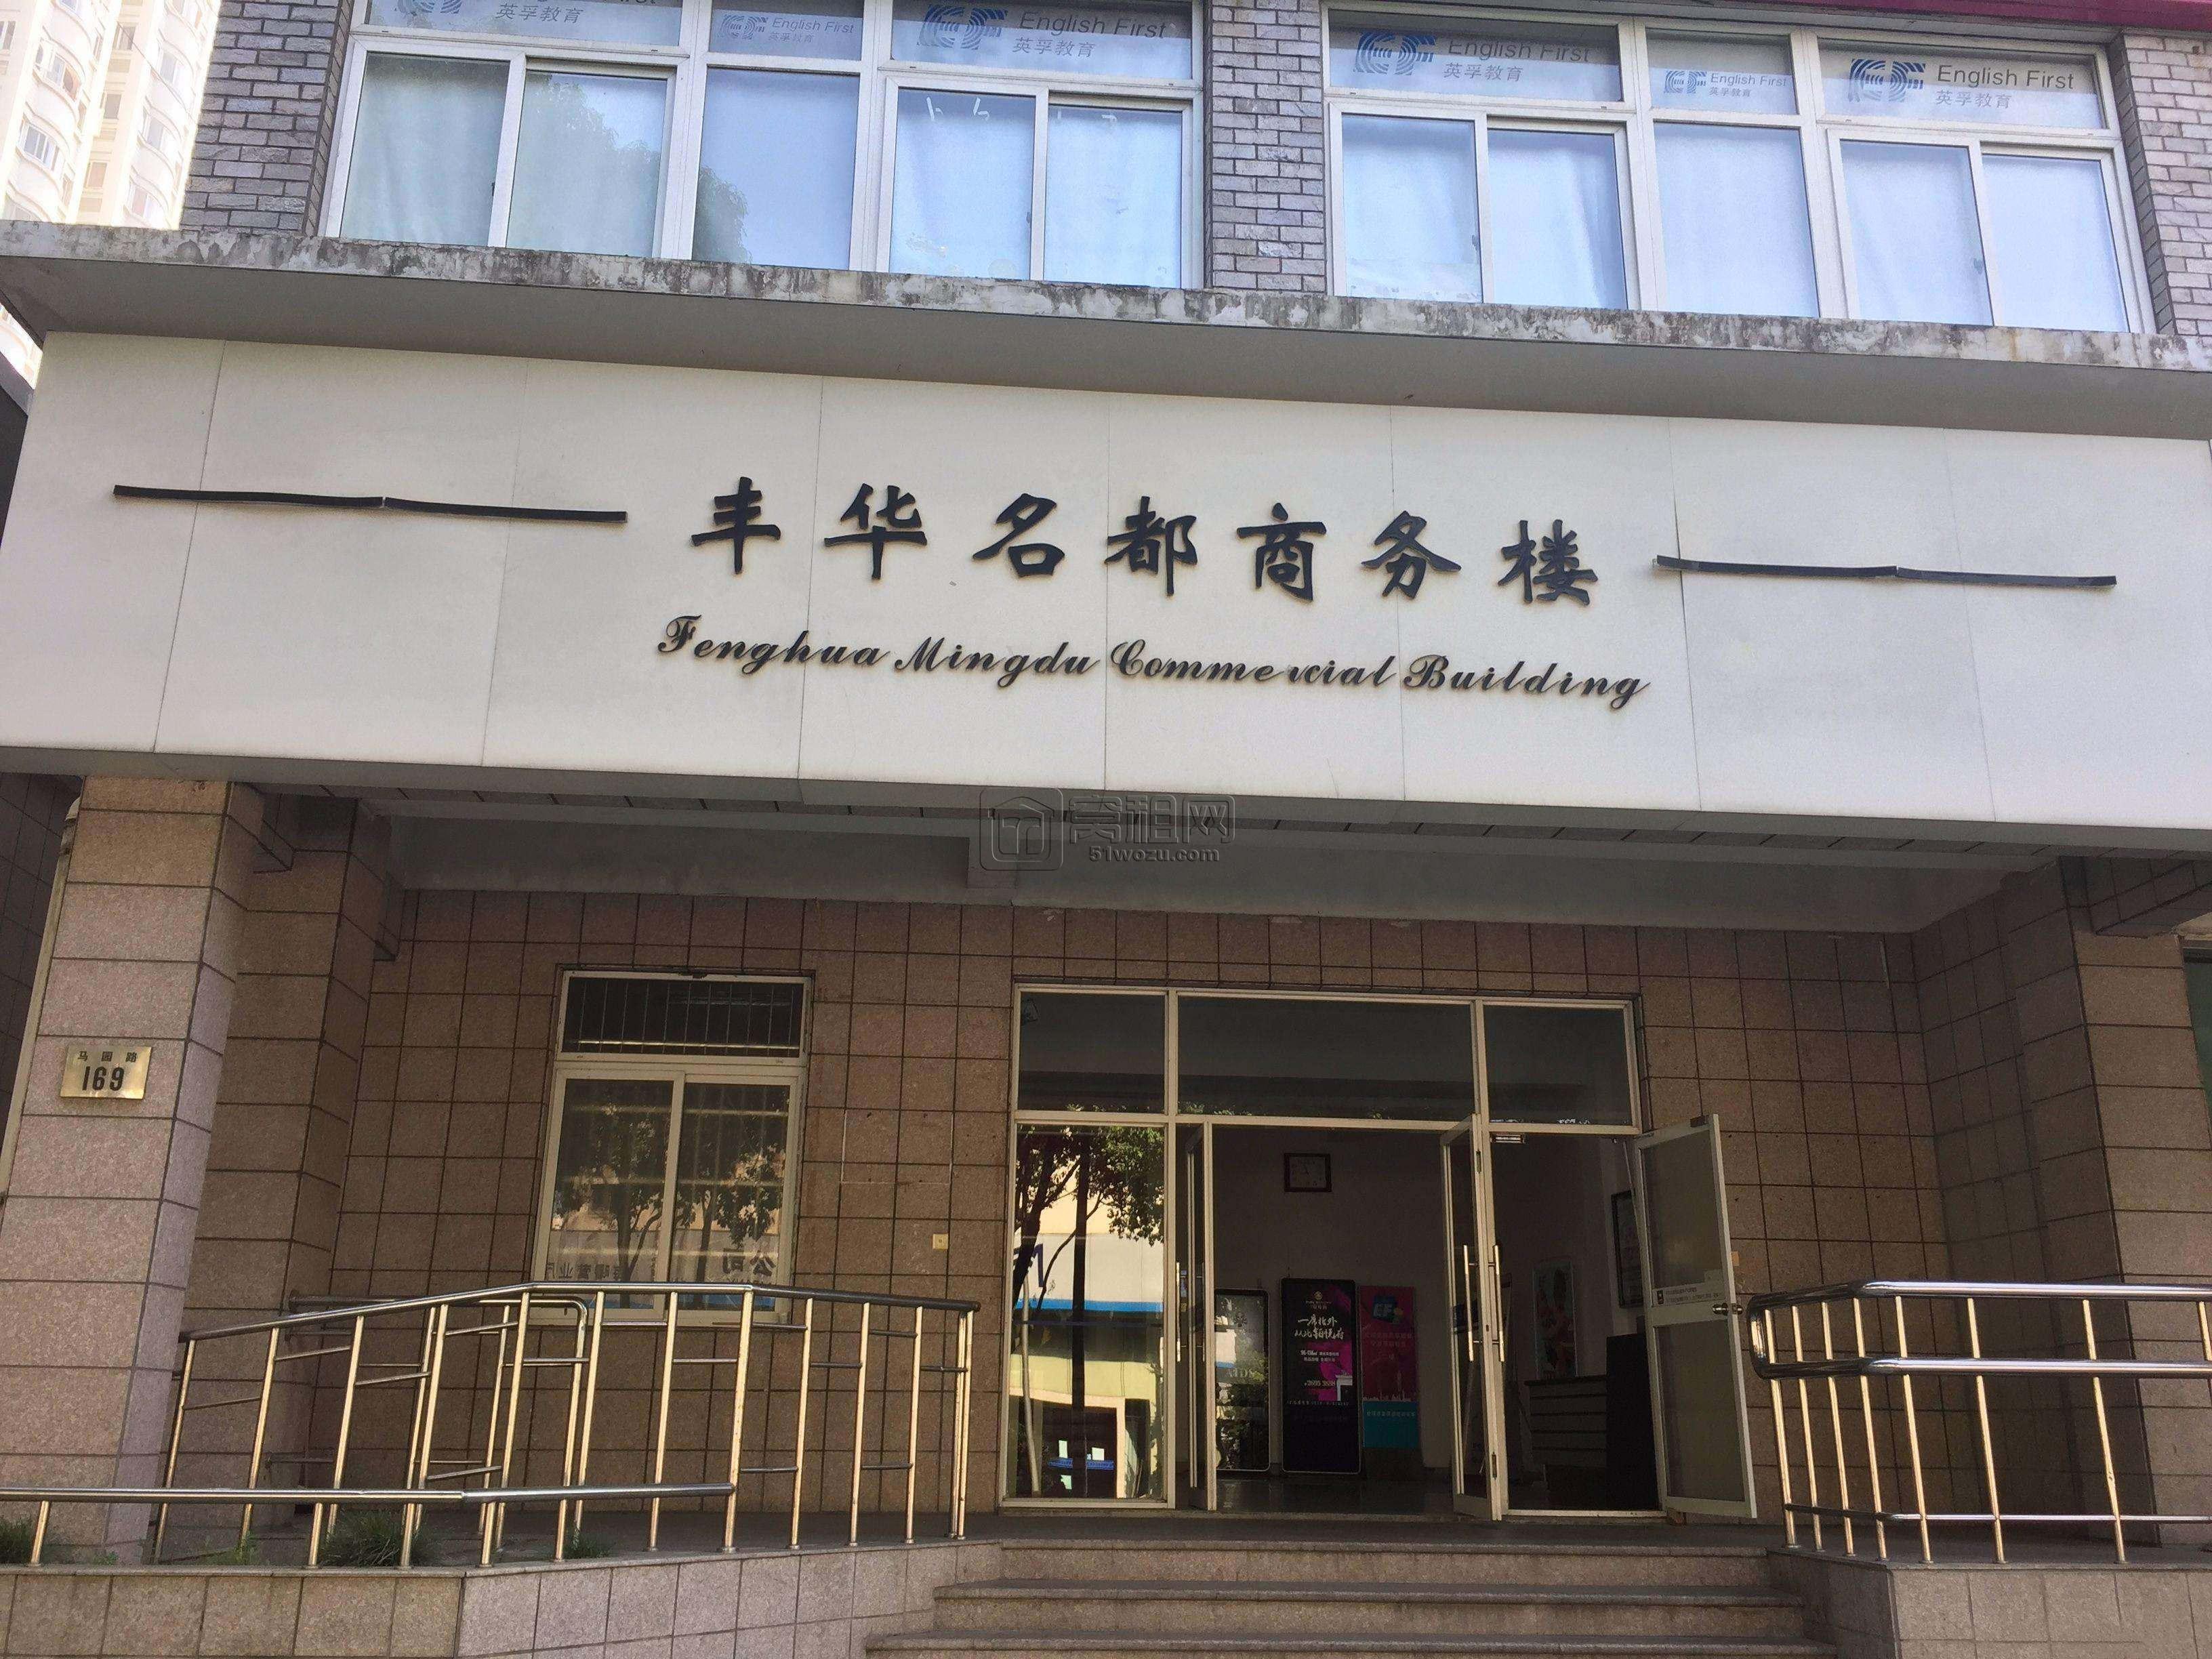 宁波丰华名都商务楼